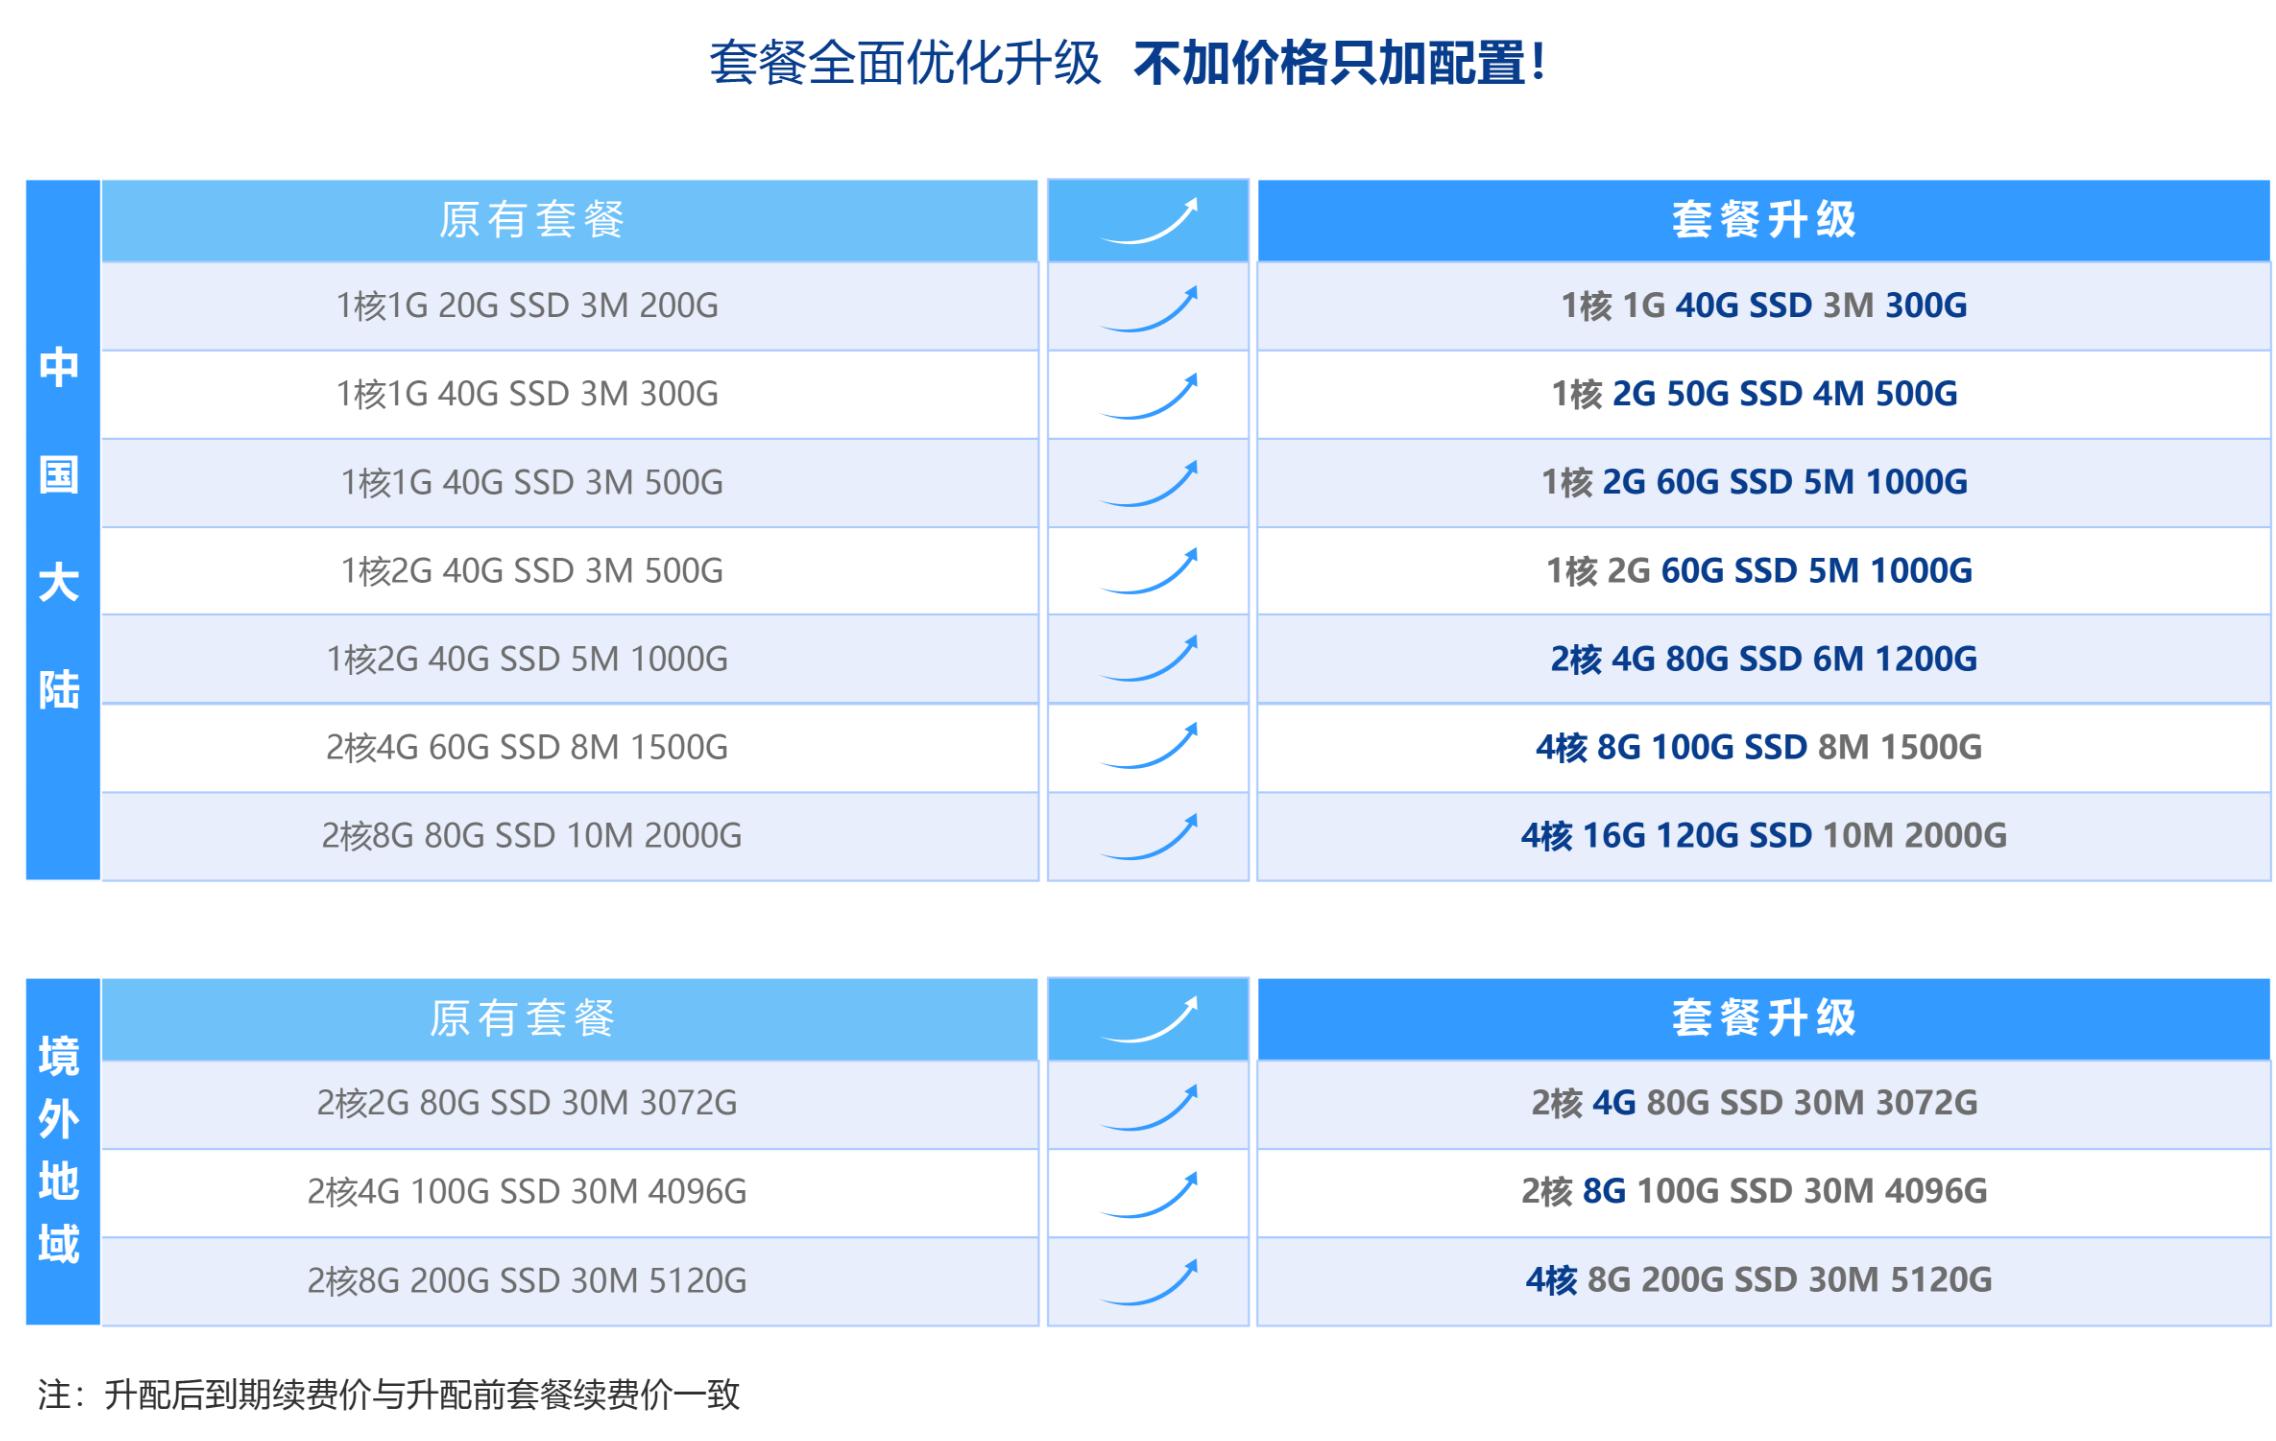 腾讯轻量云免费升级配置活动 延期至3.15插图3